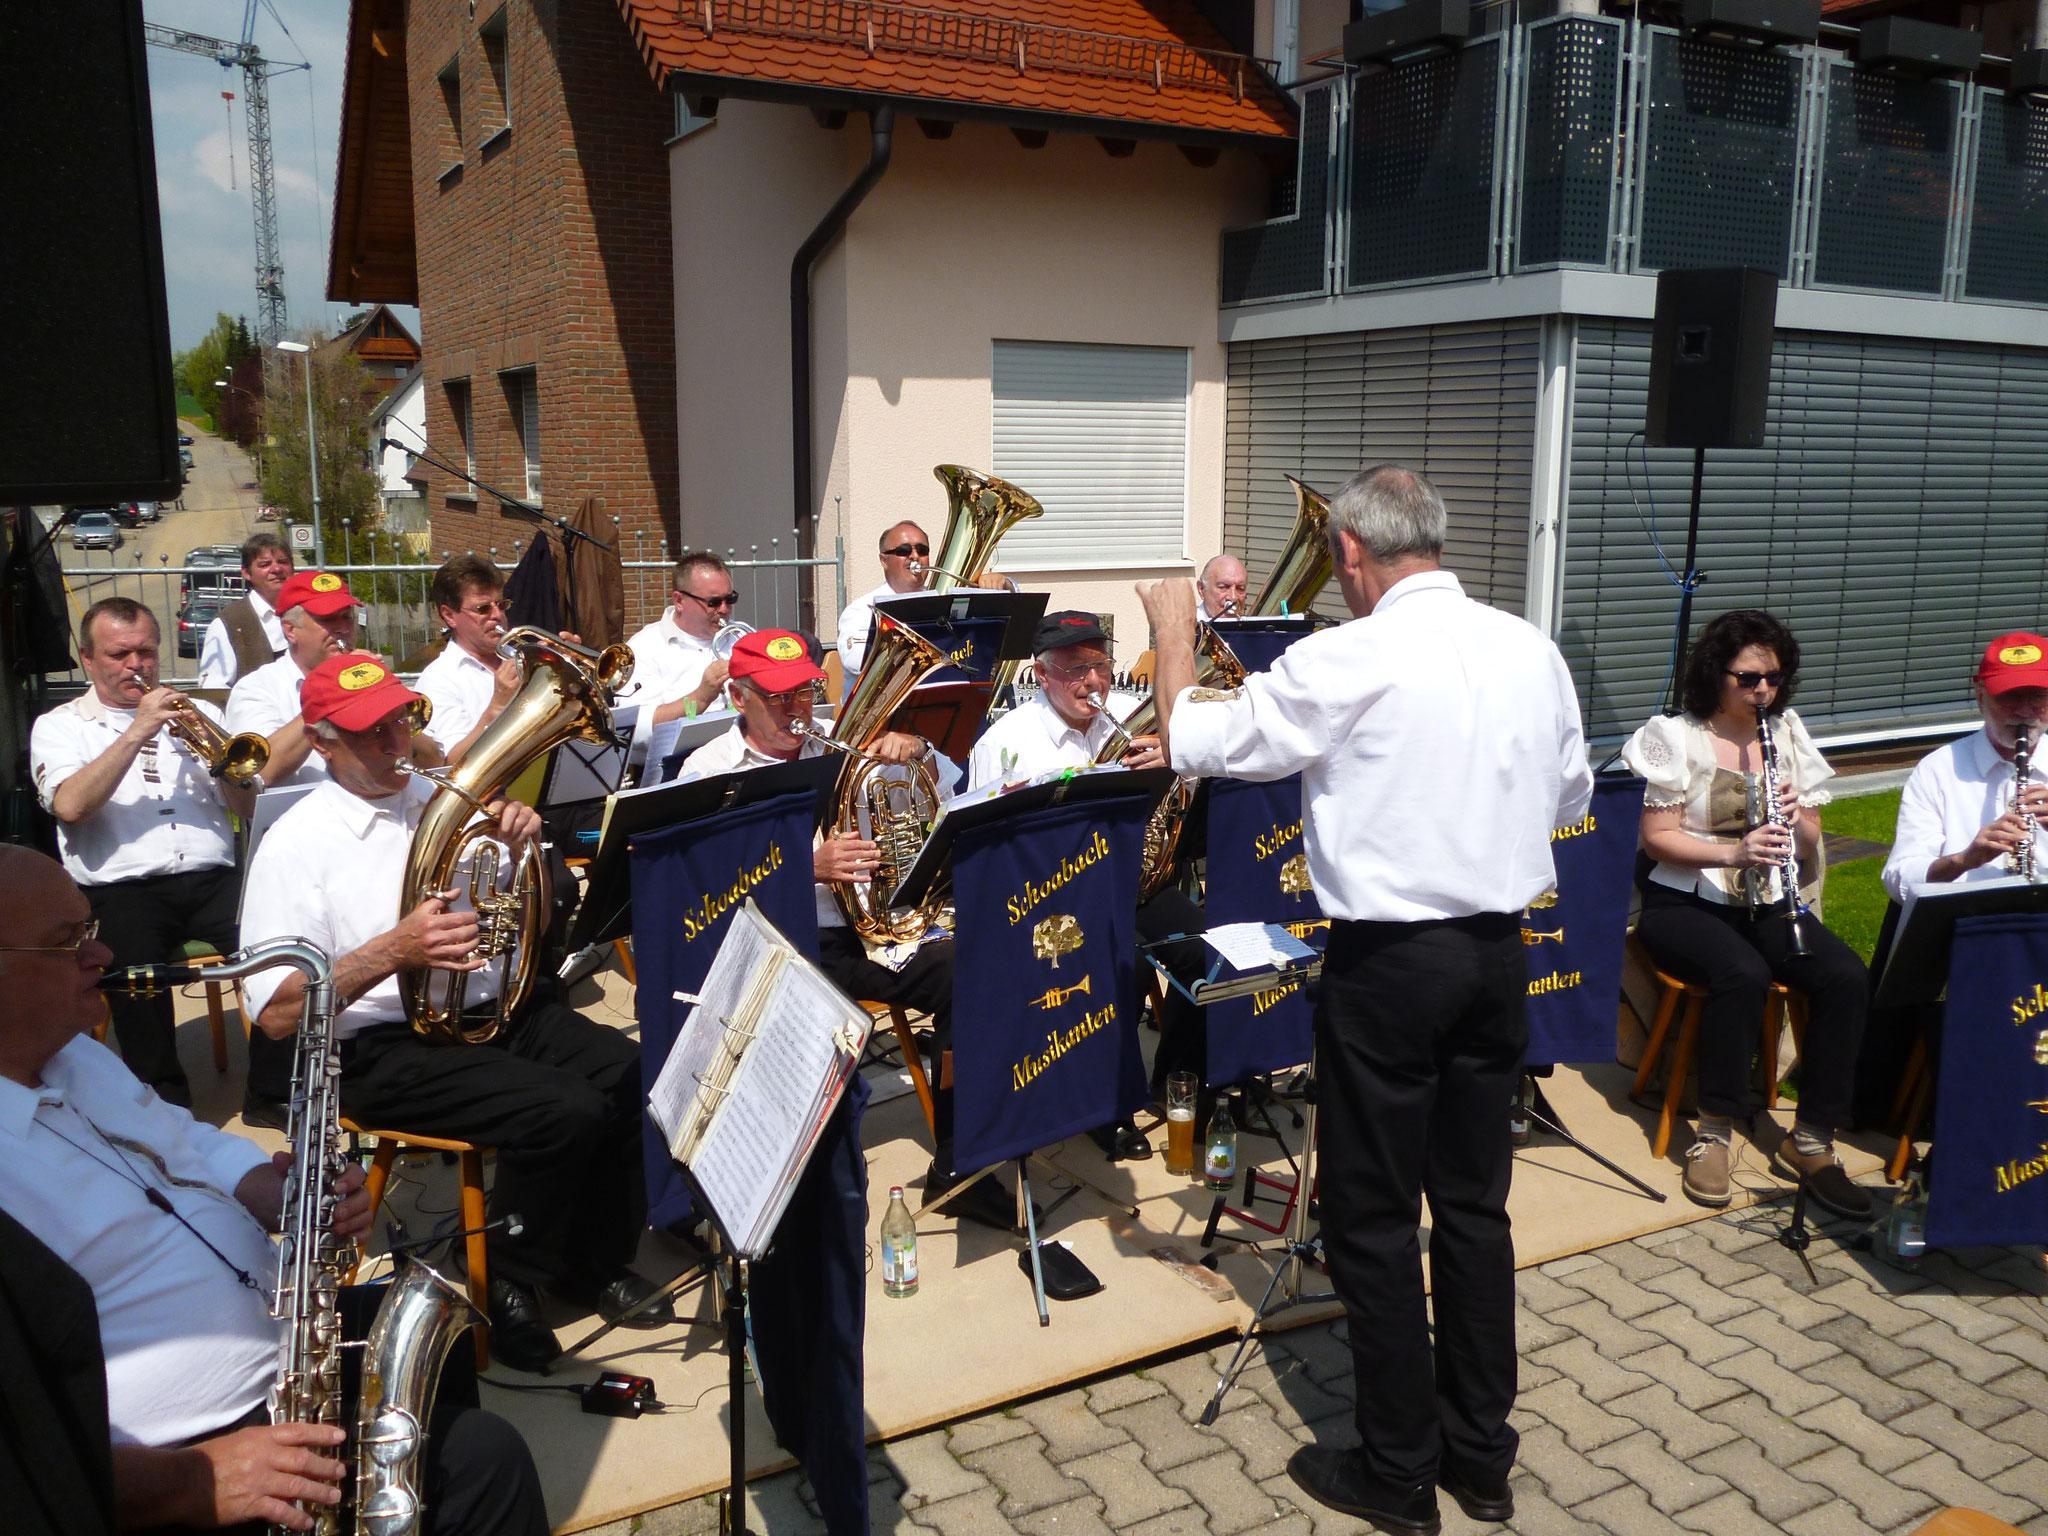 Besenfest Alte Schreinere Weil 05.05.2013